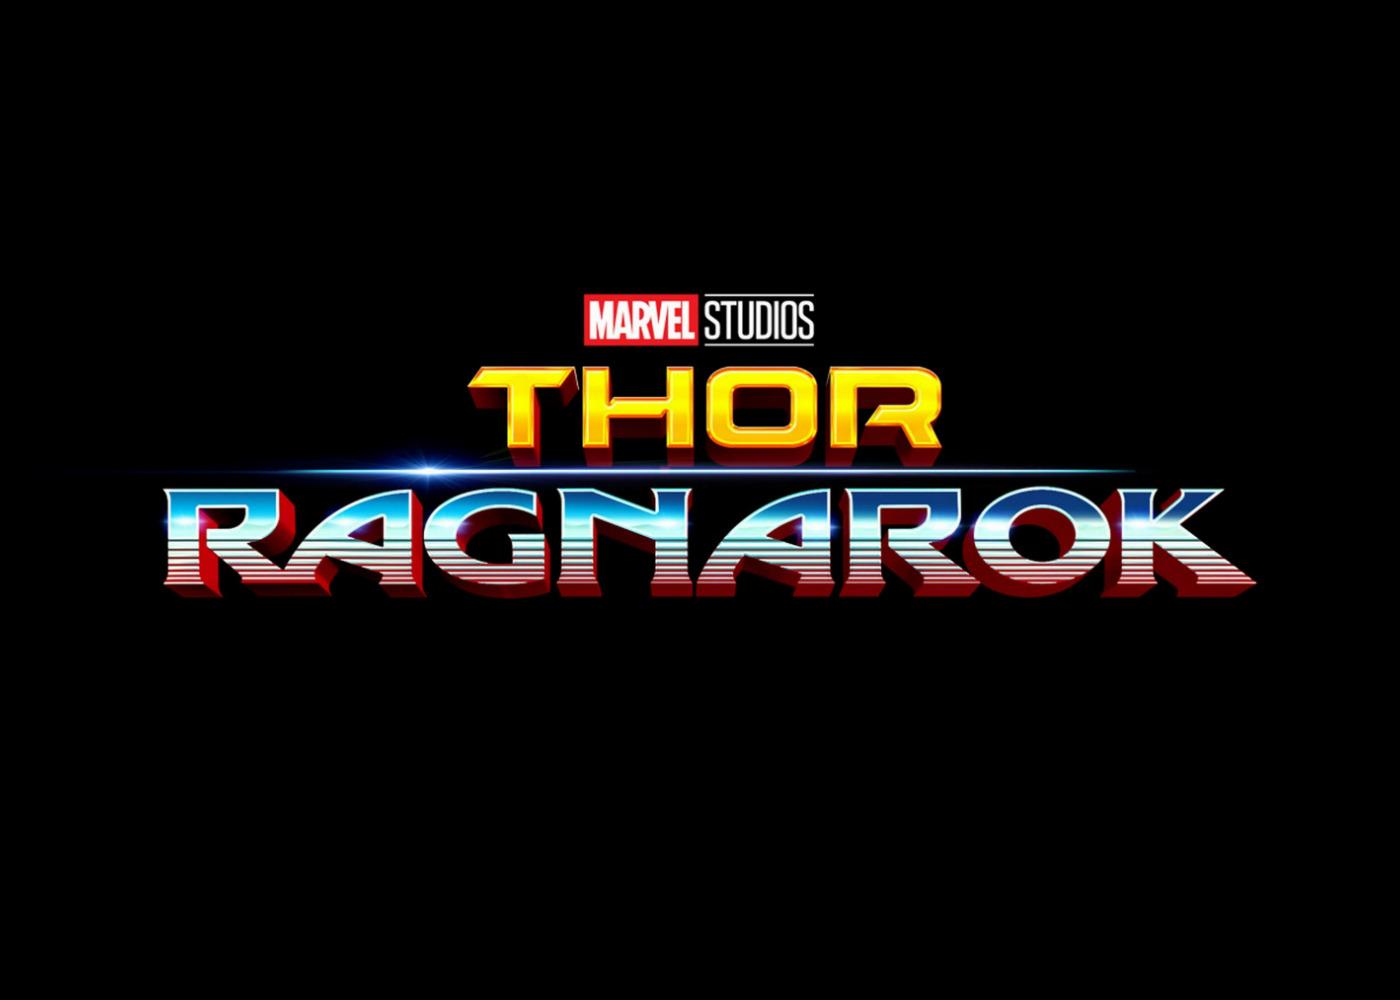 New Thor: Ragnarok Trailer Features Dr. Strange Cameo